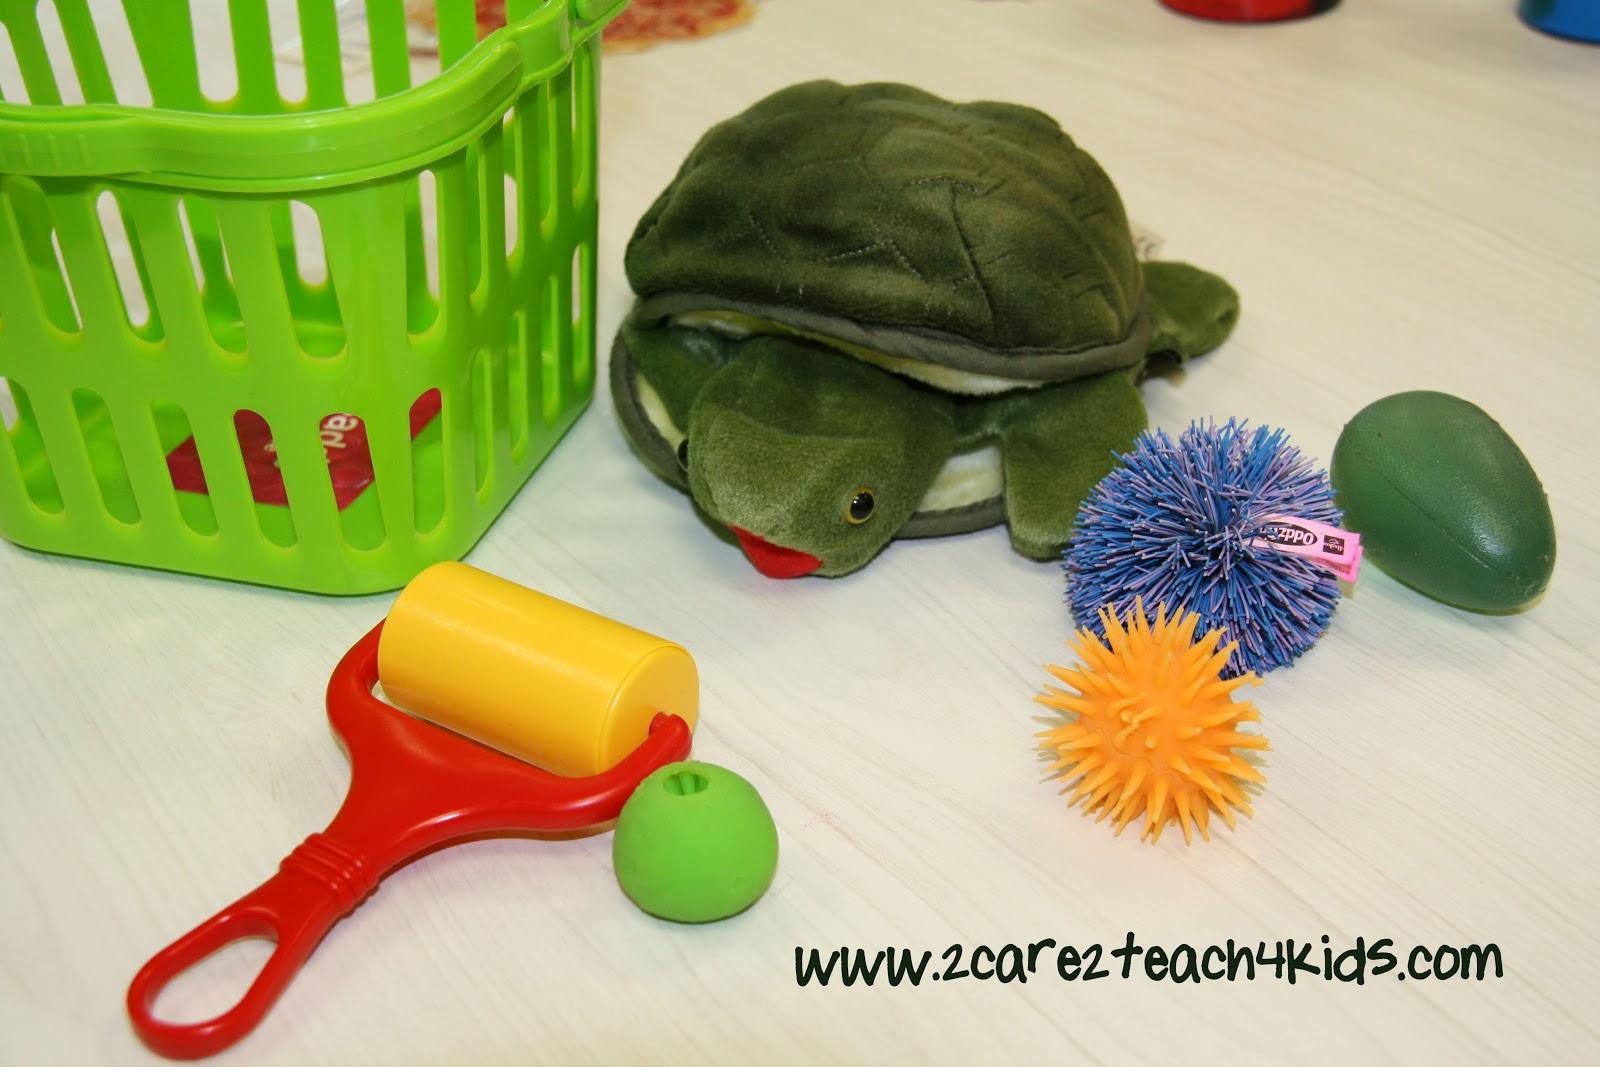 2care2teach4kids Tucker Turtle